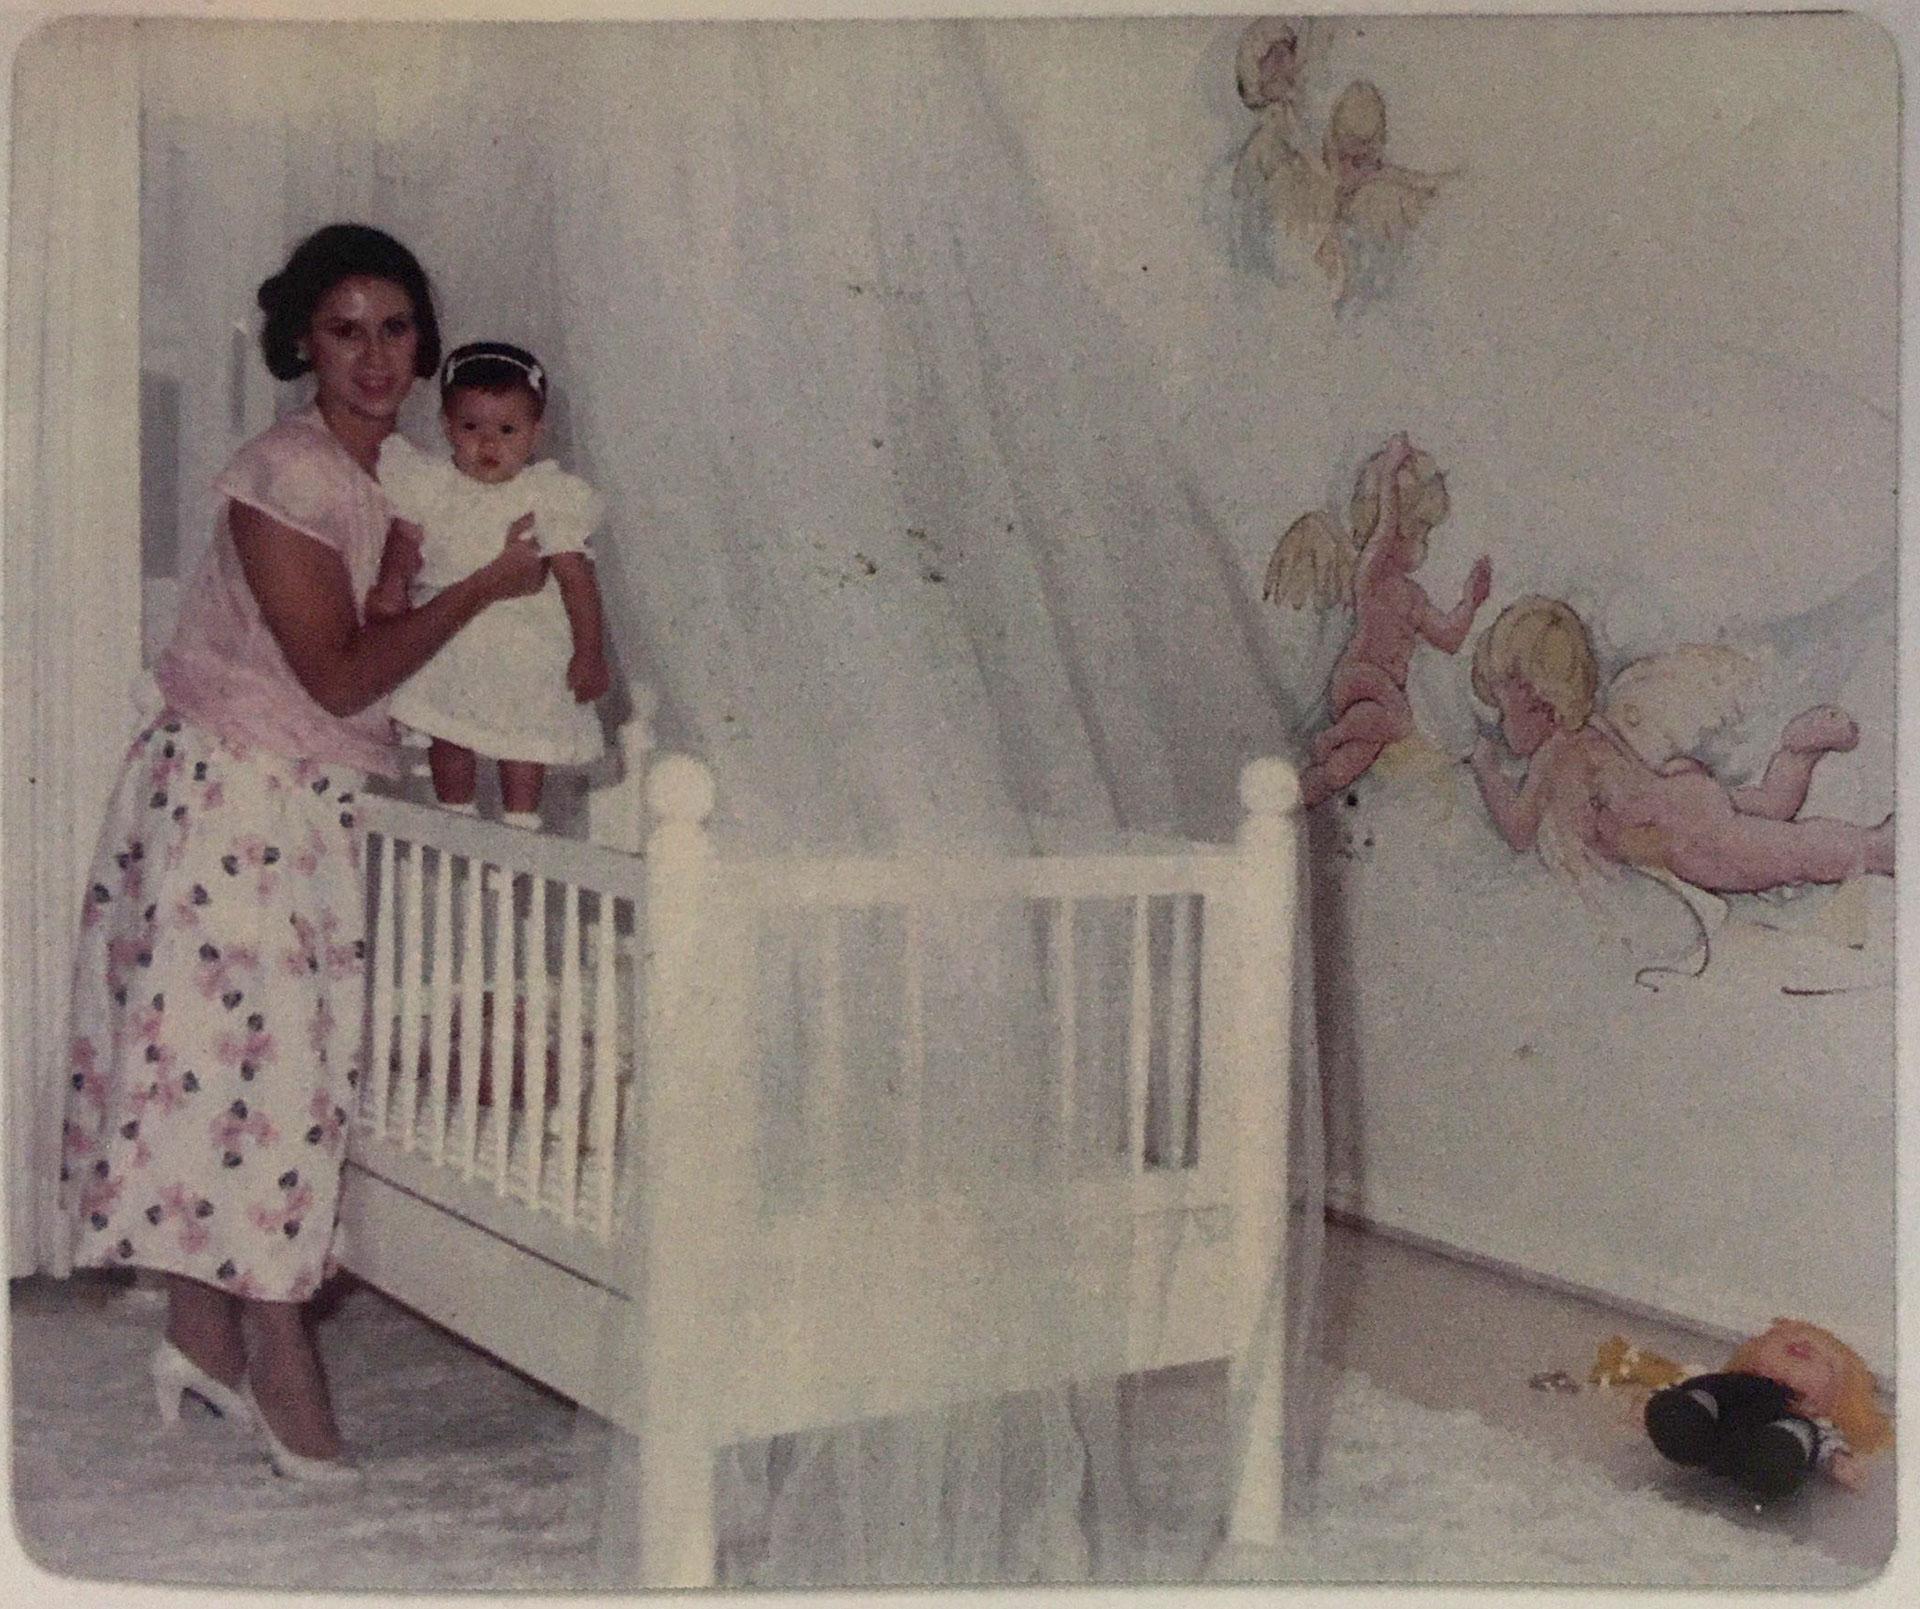 Victoria Eugenia Henao en el cuarto de su hija Manuela en el Edificio Mónaco (Victoria Eugenia Henao / Editorial Planeta)